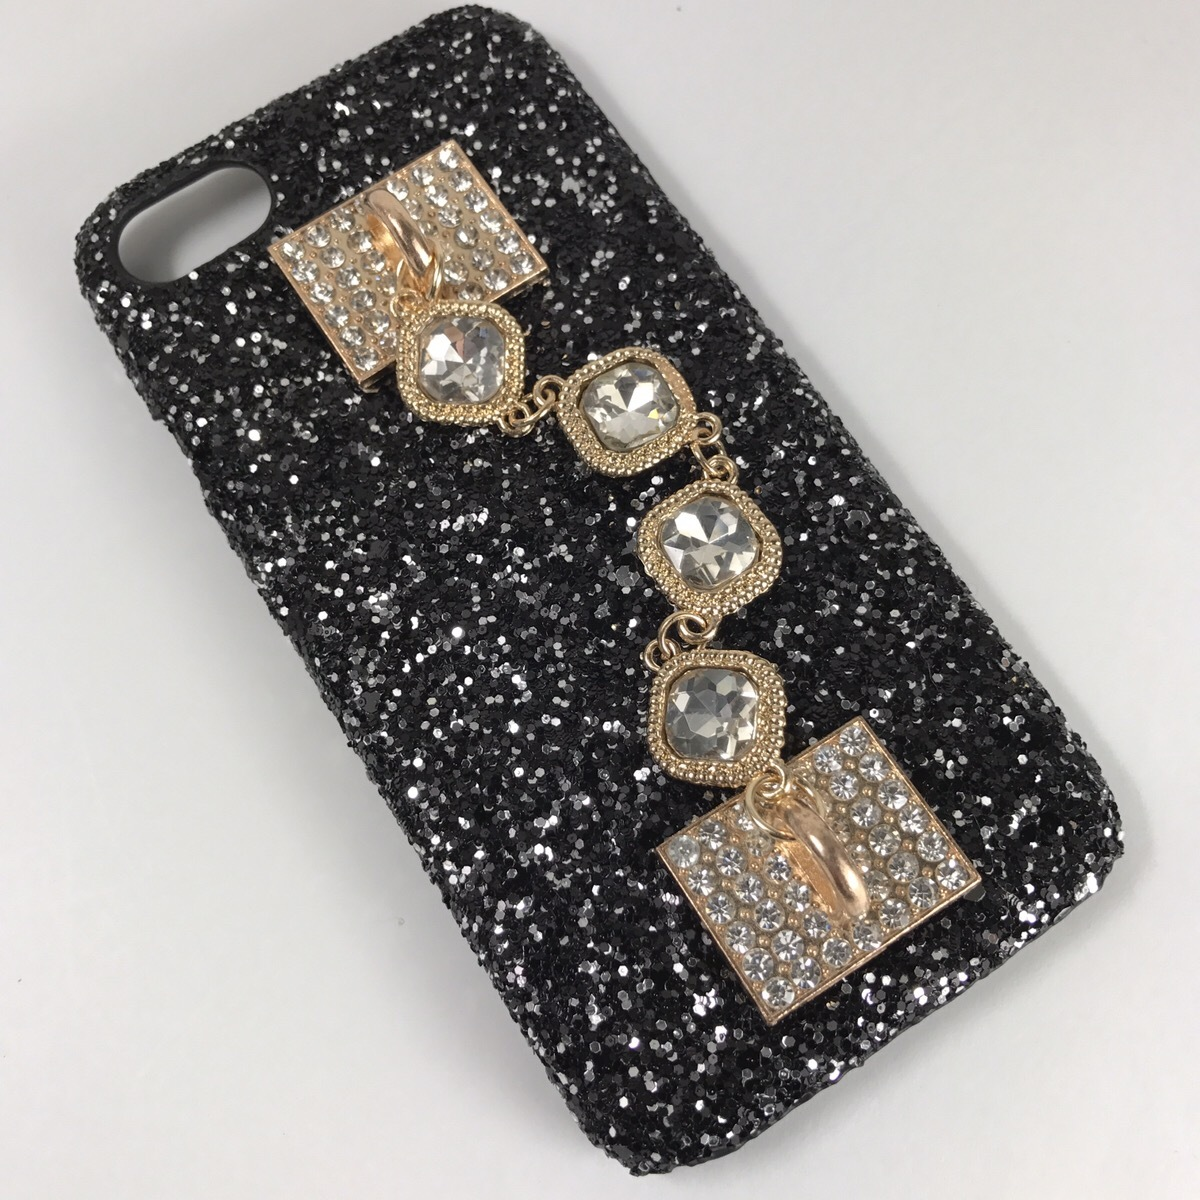 【送料無料】キラキラグリッターケースにシンプルジュエリーを iPhoneケース